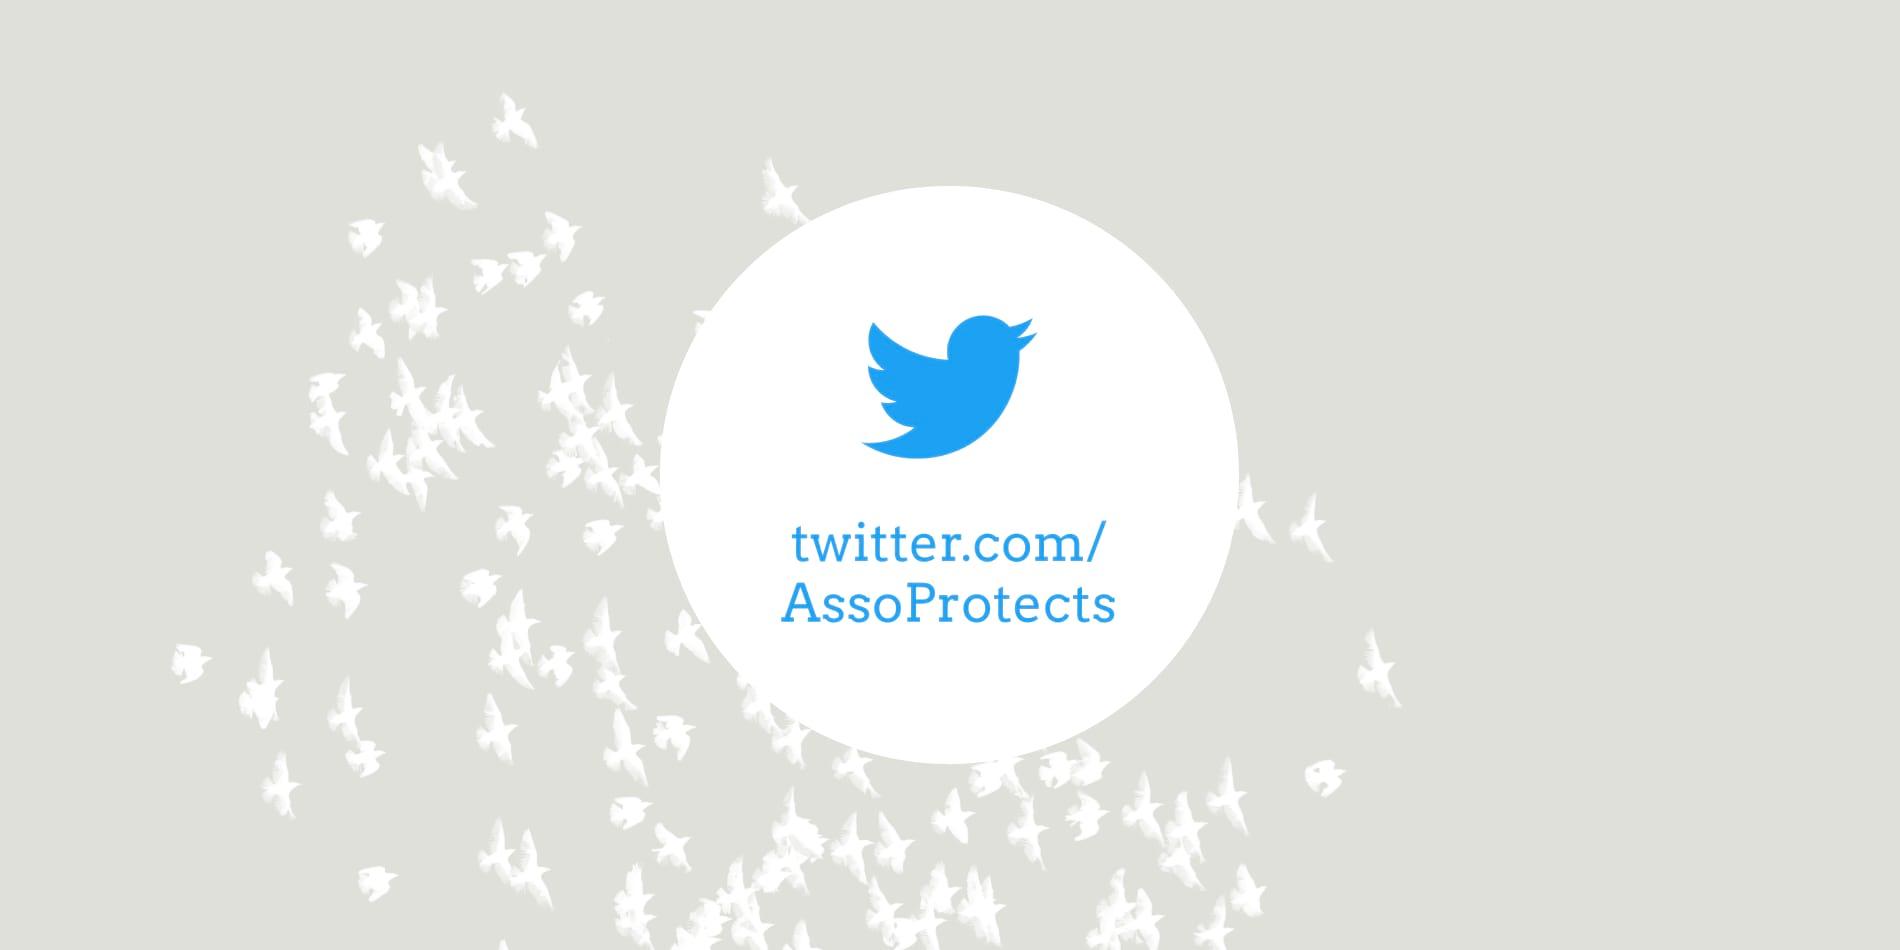 Nous sommes sur le réseau social Twitter